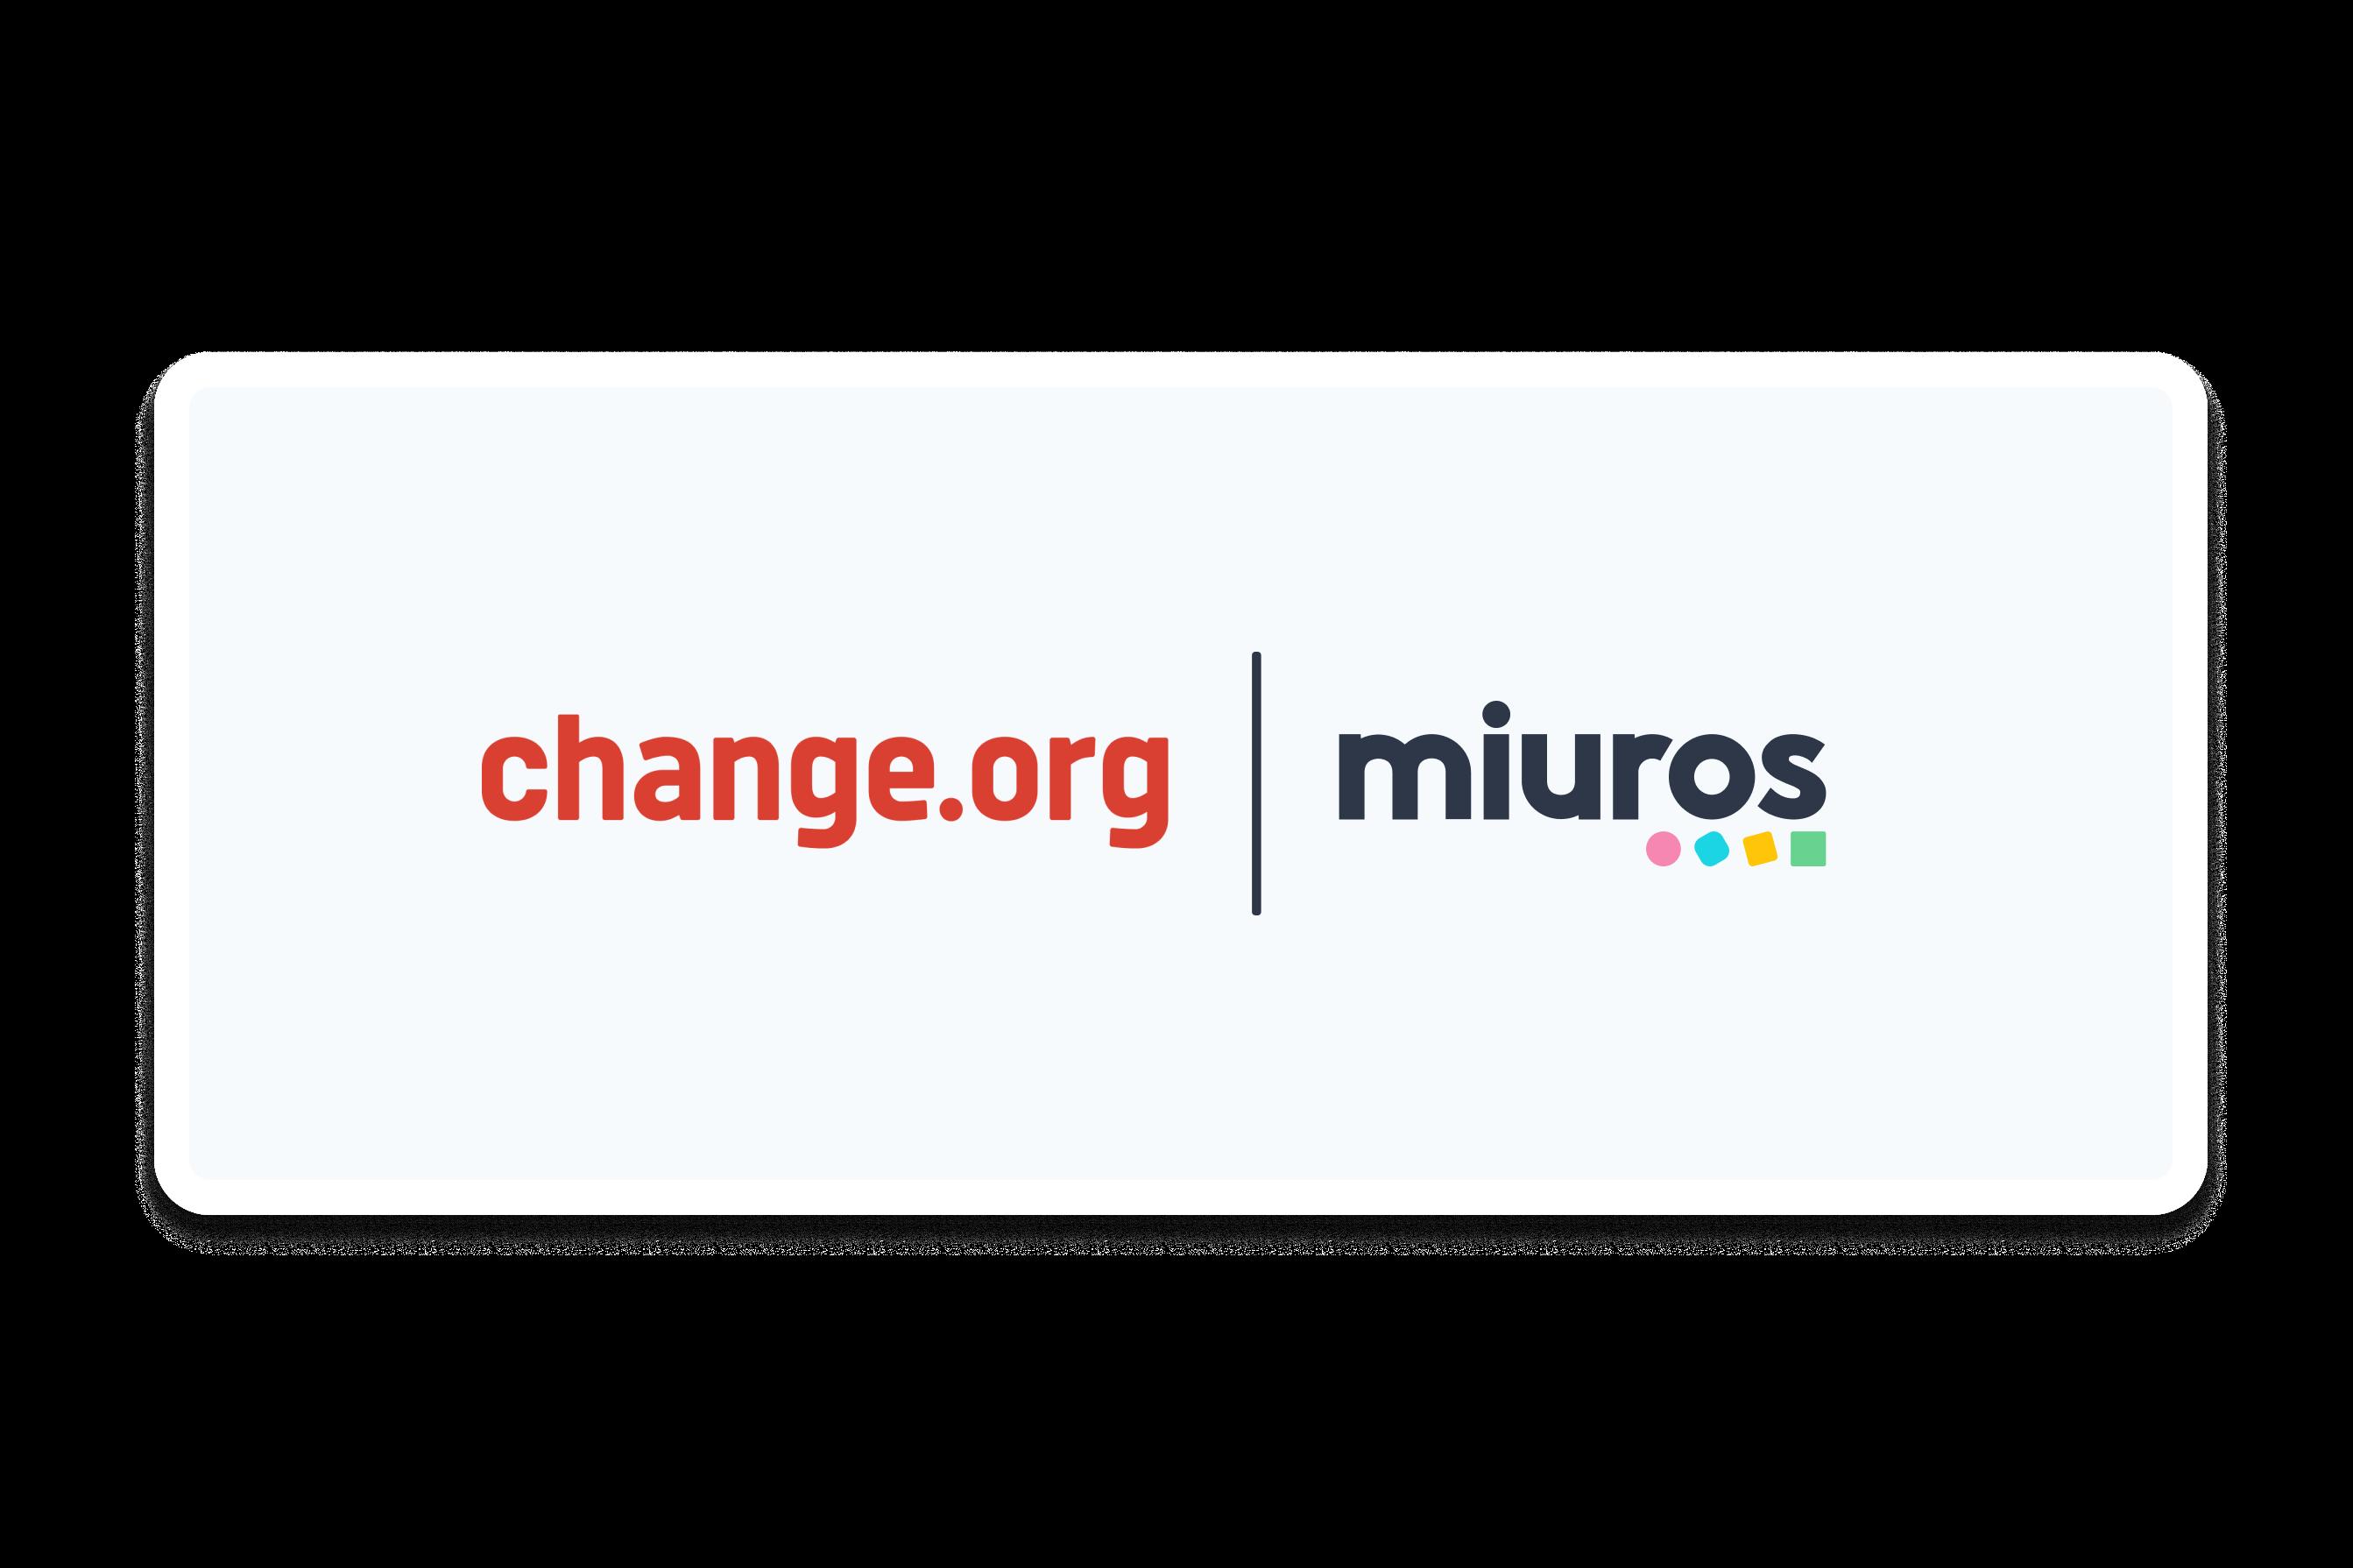 Change & Miuros-1